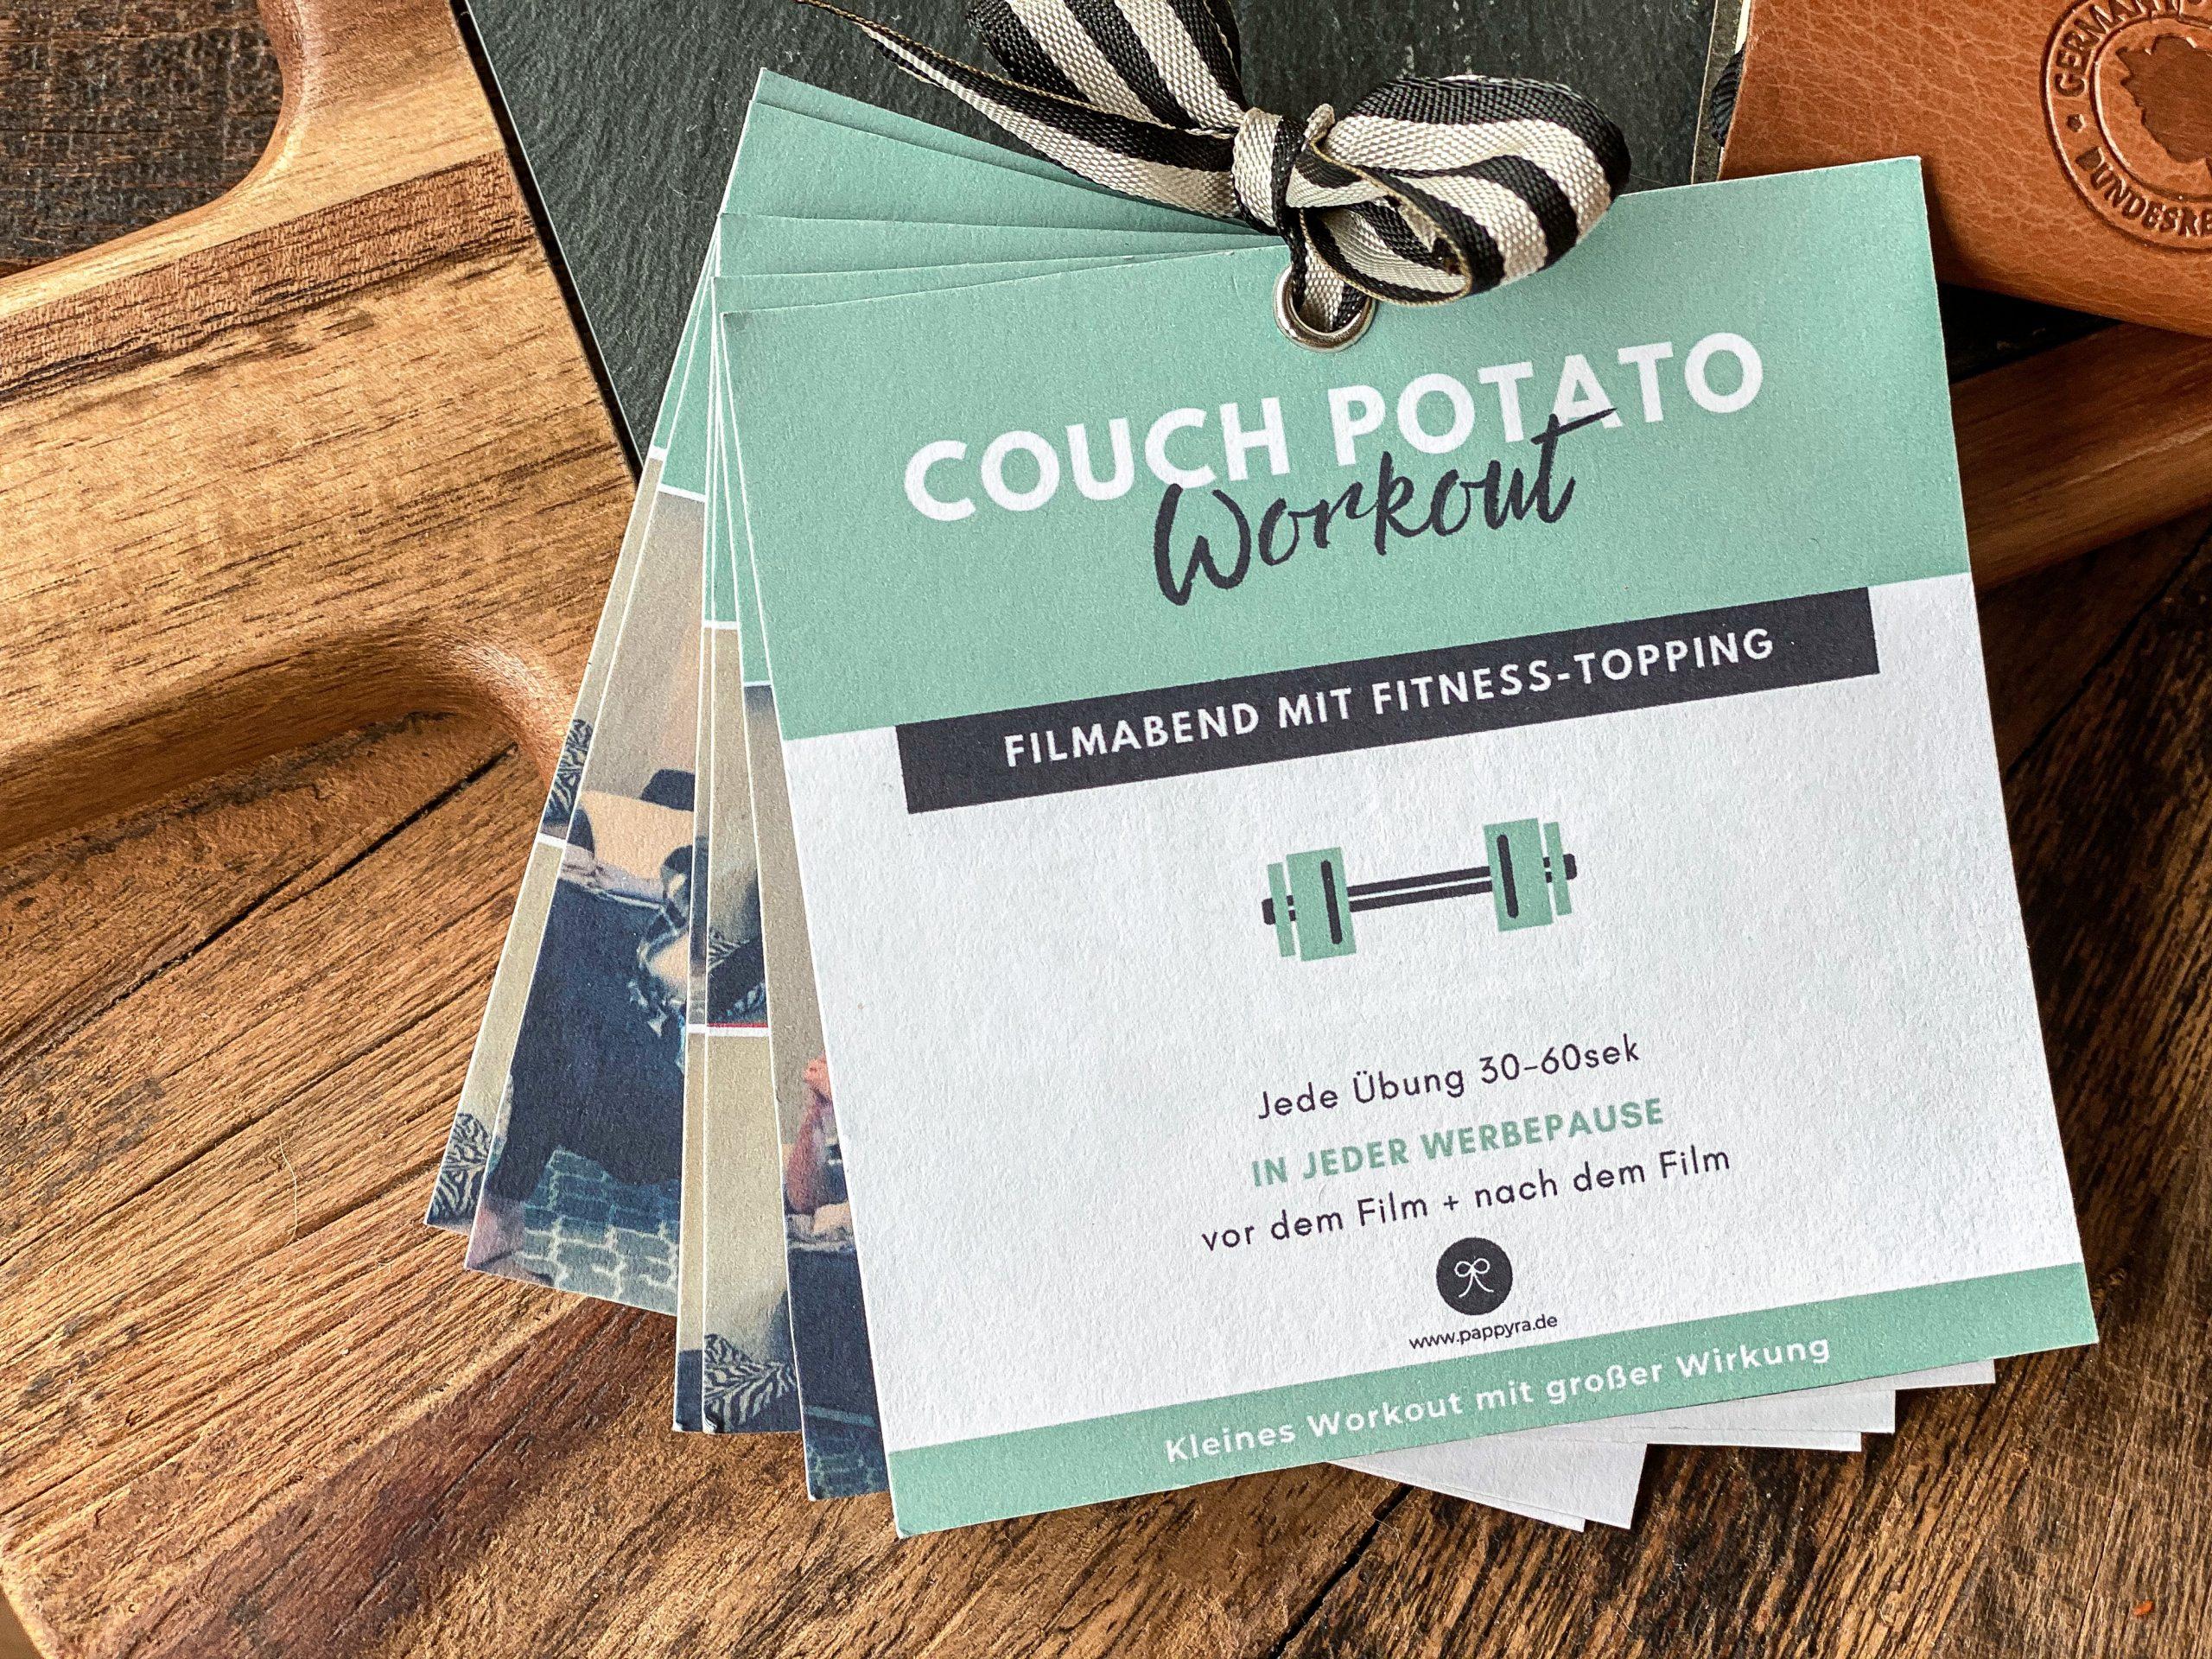 Couch Potato-Workout als Mitmachkarten für einen Filmabend.